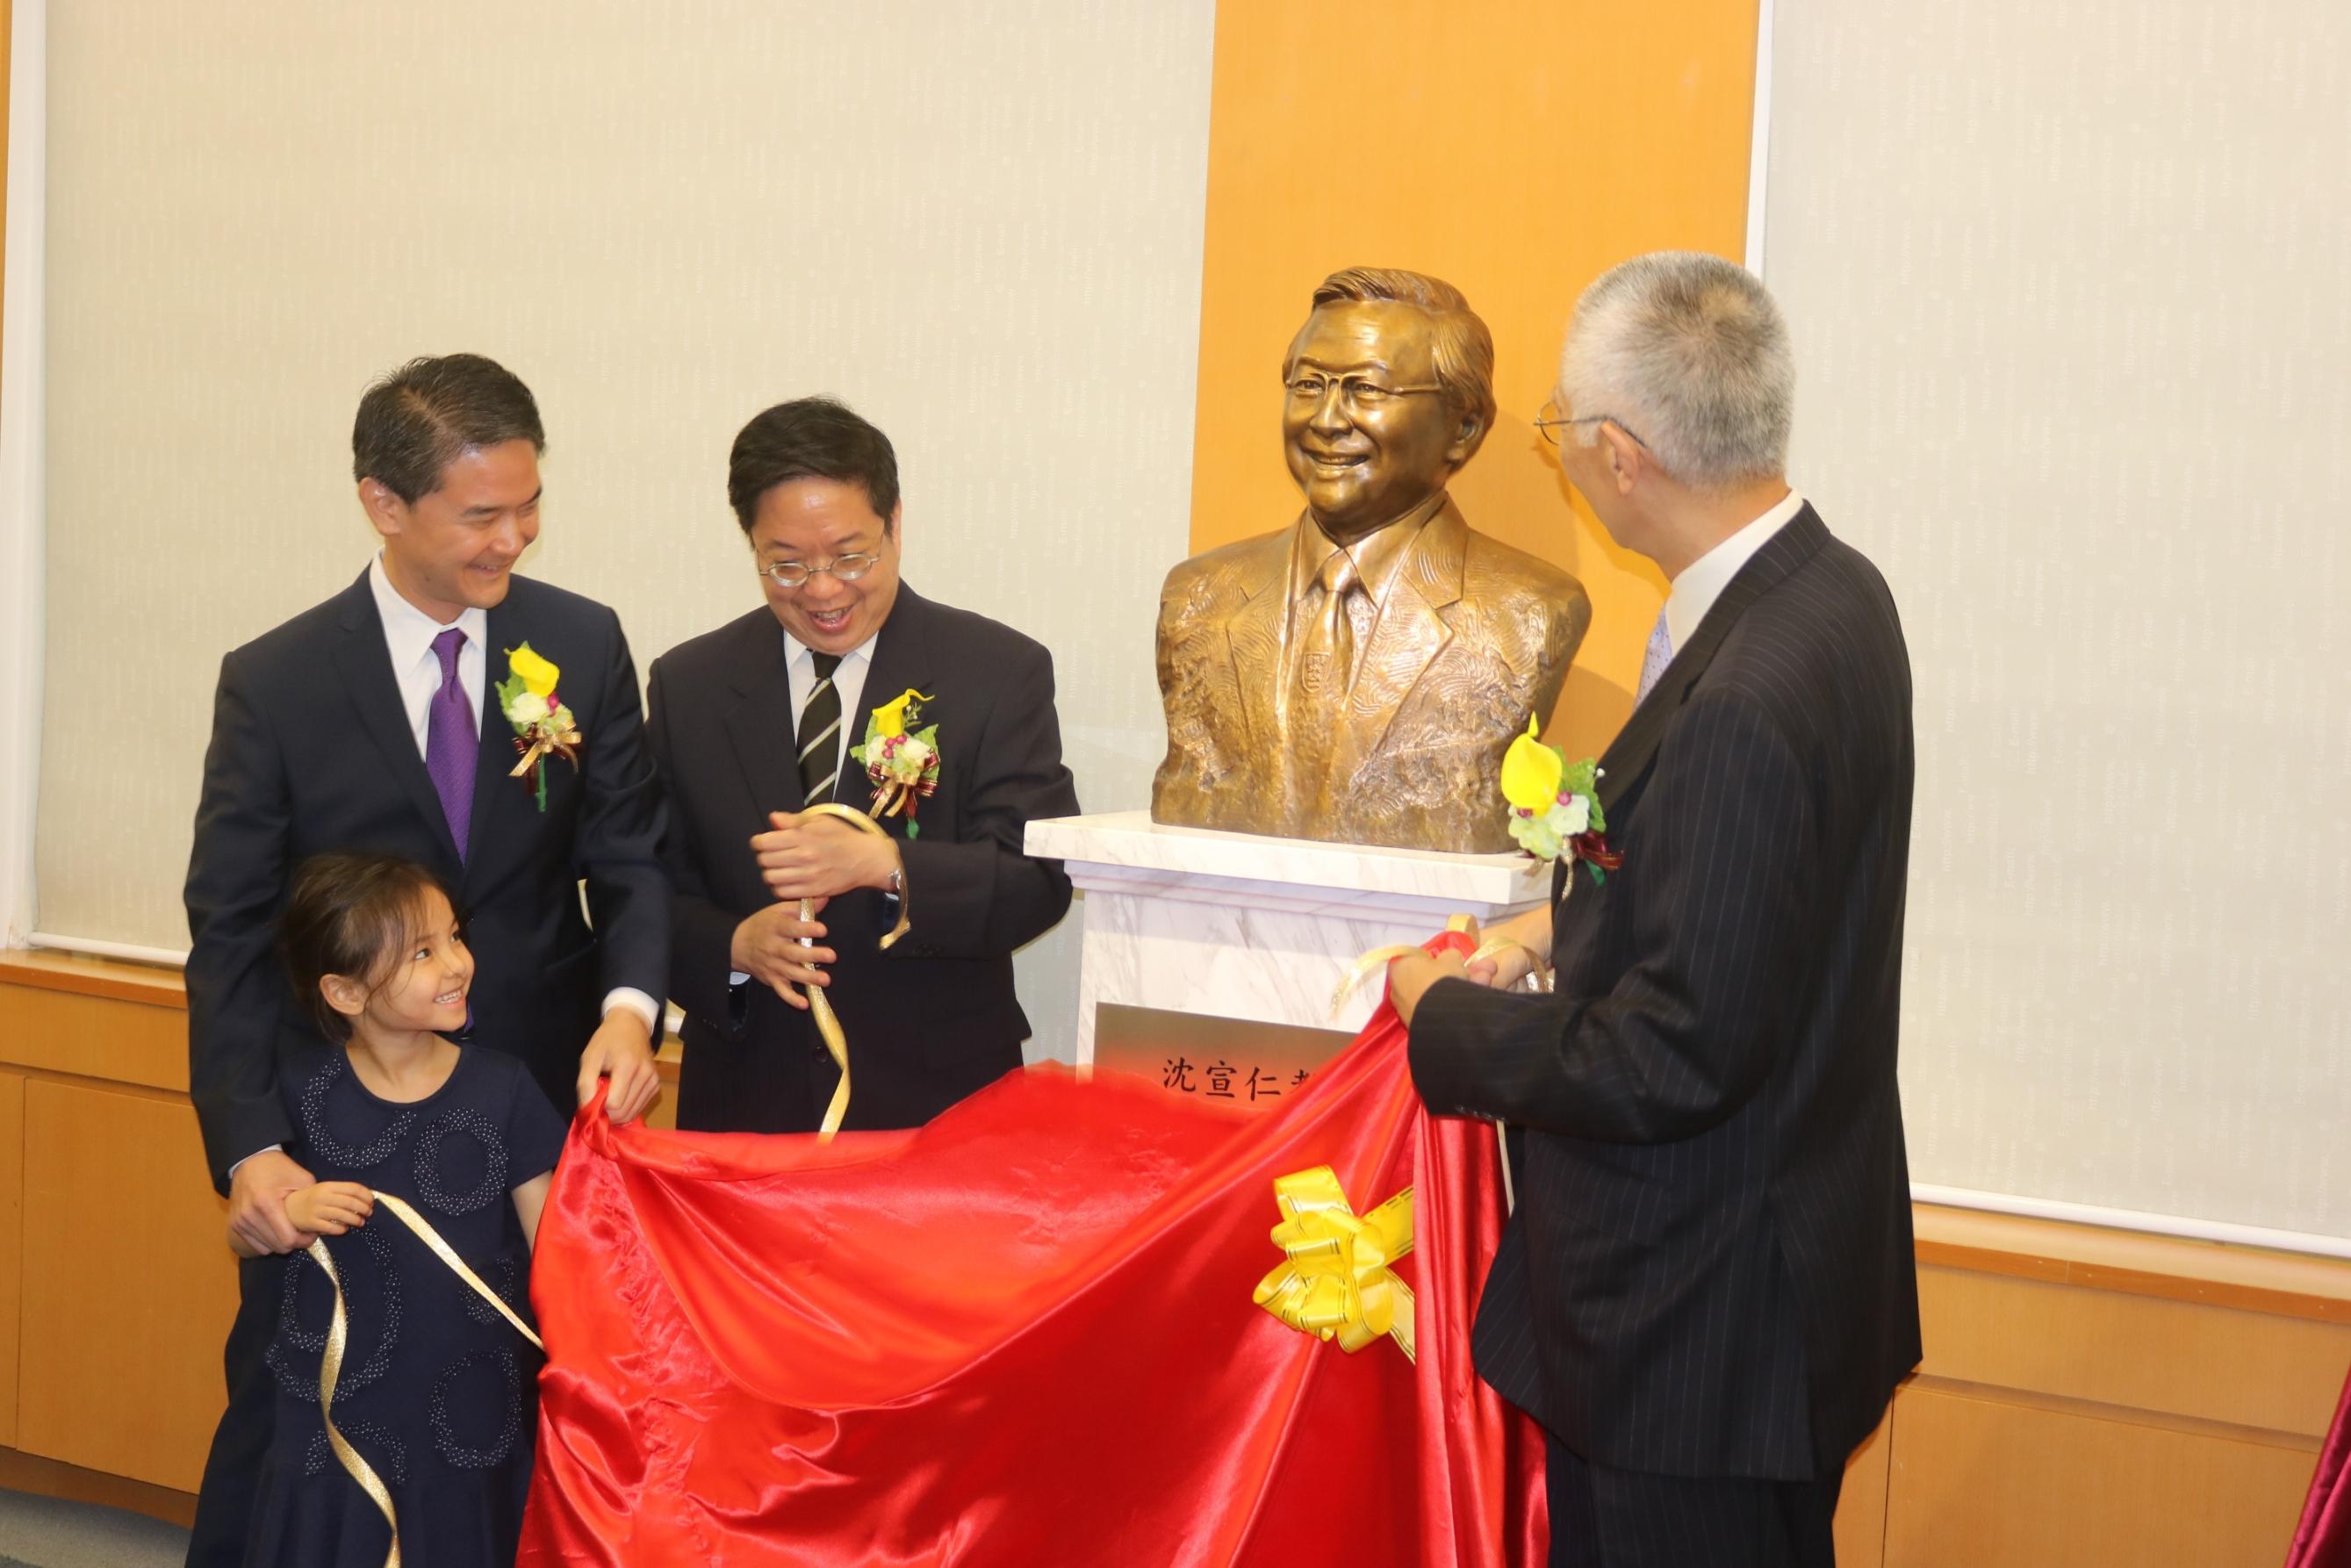 崇基學院校董會主席李國星先生(右一)及沈宣仁教授兒子沈其樂先生(左一)和沈其恕博士(左二)為銅像揭幕。